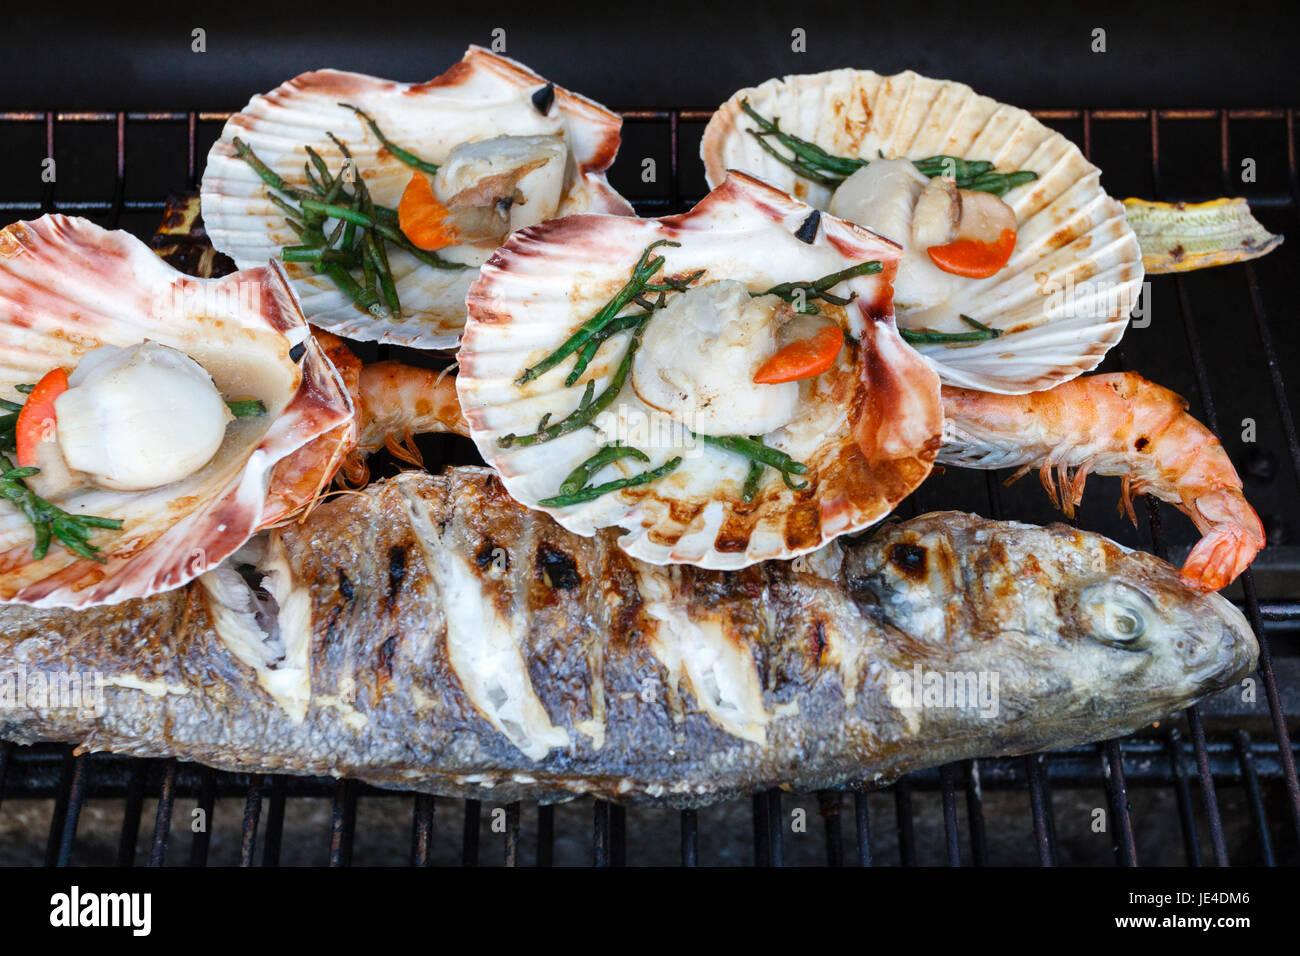 Poissons et fruits de mer cuits sur un barbecue en Angleterre, Royaume-Uni Photo Stock